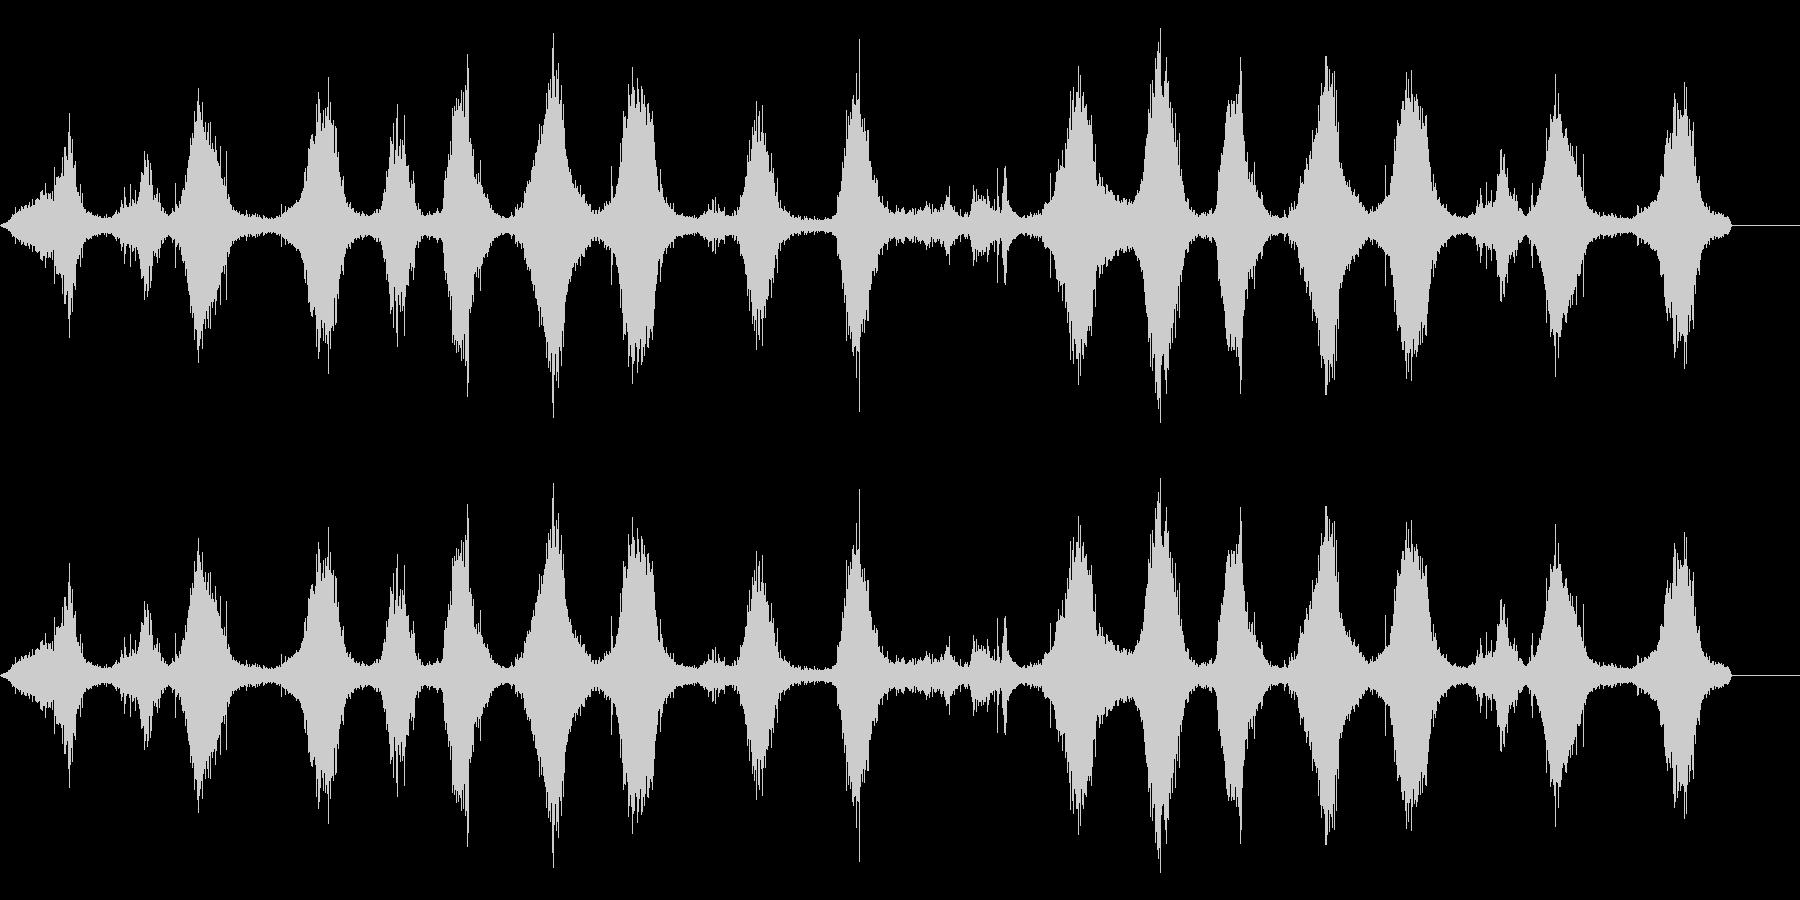 波-地球上のソフトロールの未再生の波形